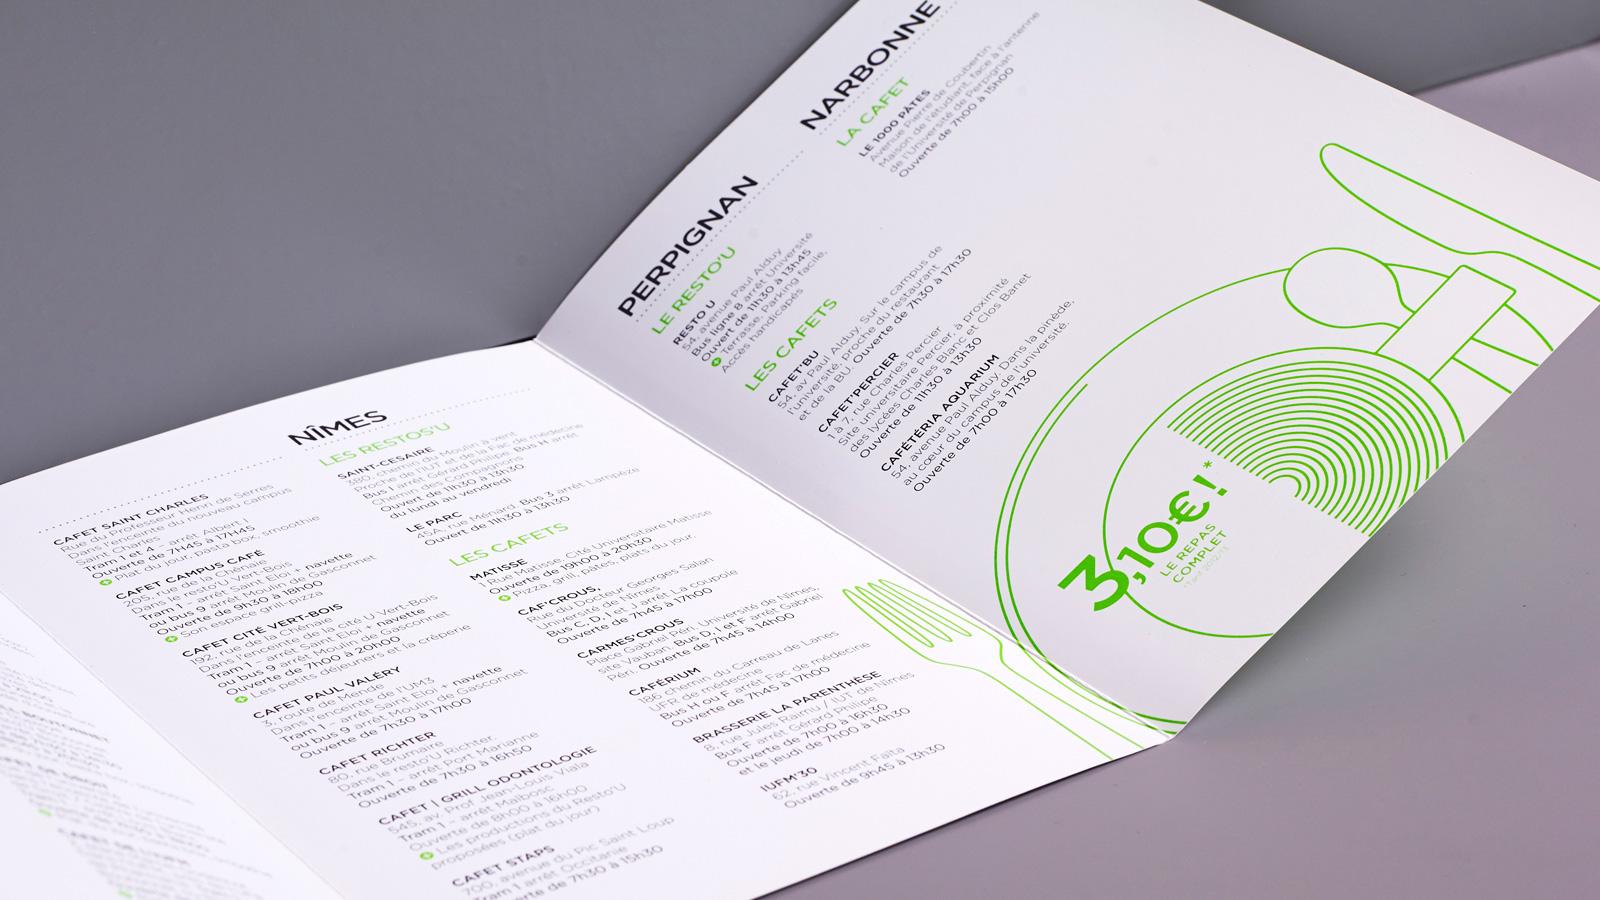 graphiste-montpellier-designer-graphique-communication-montpellier-photogrphe-alexandre-bena_BENADESIGN-2797